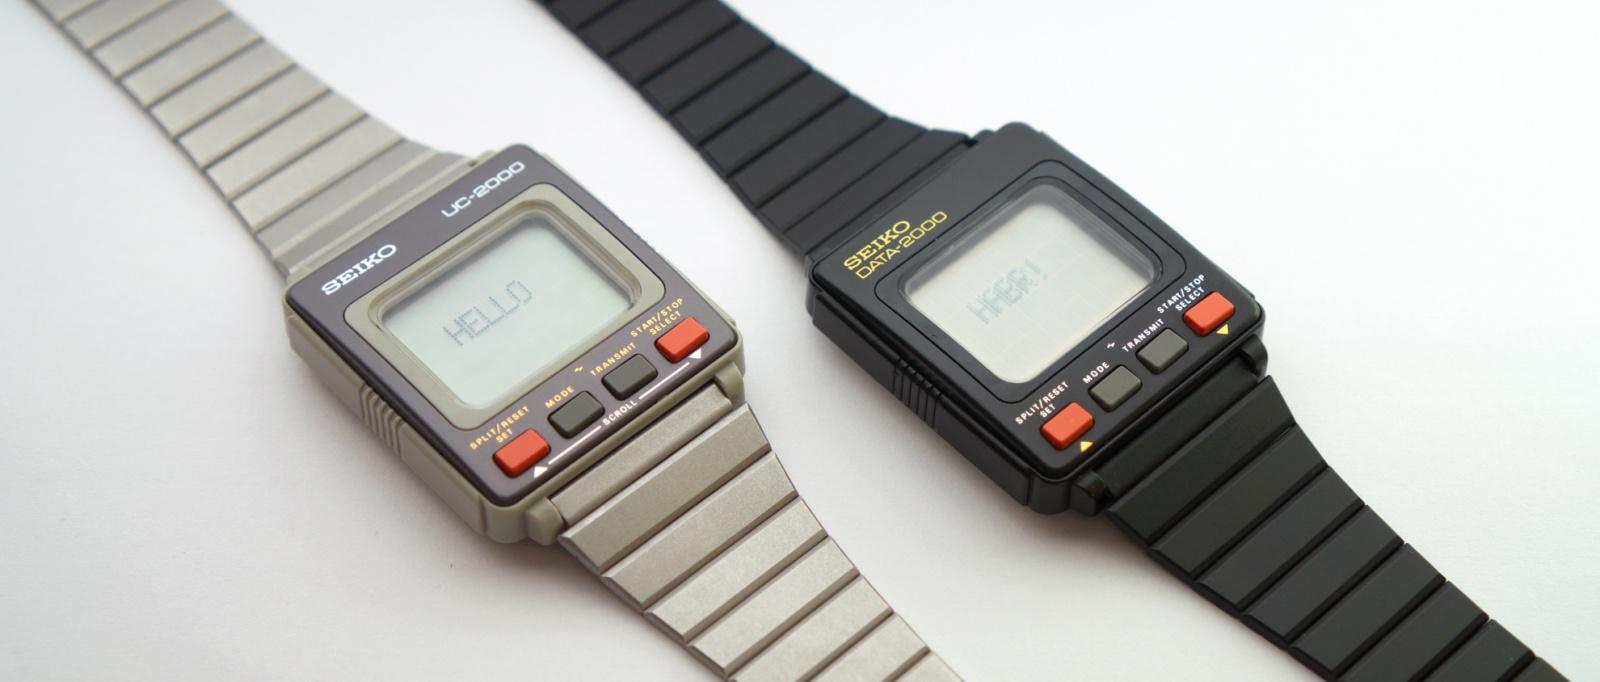 Реверс-инжиниринг первых умных часов Seiko UC-2000 - 1